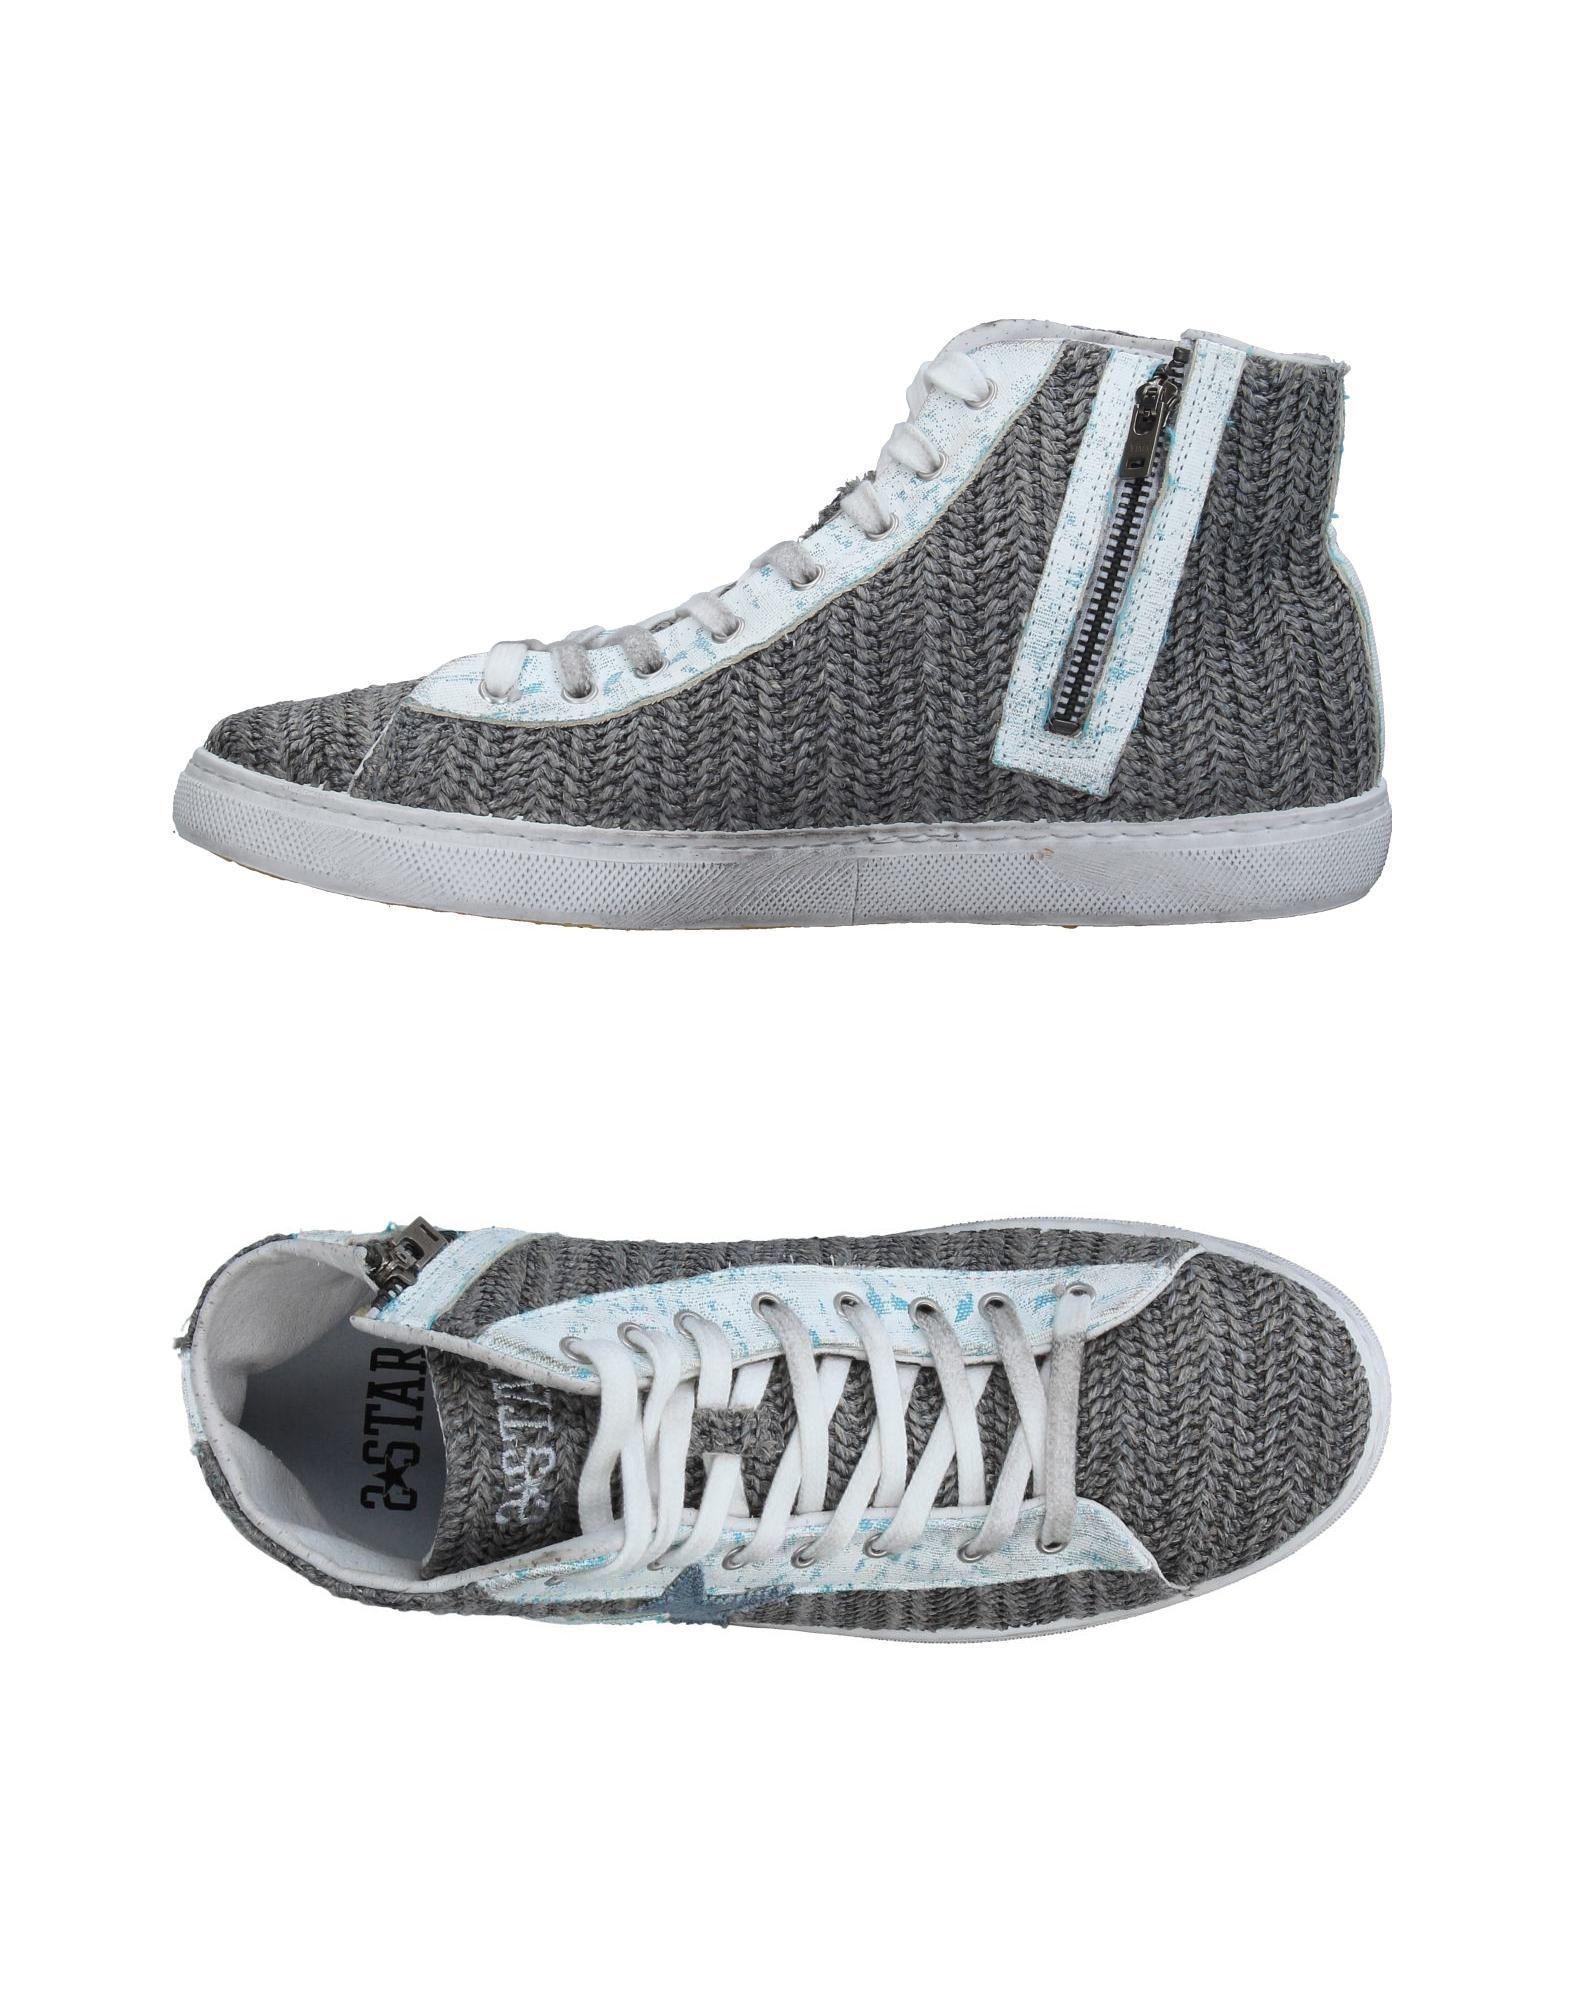 FOOTWEAR - High-tops & sneakers 2Star FE4gvvp